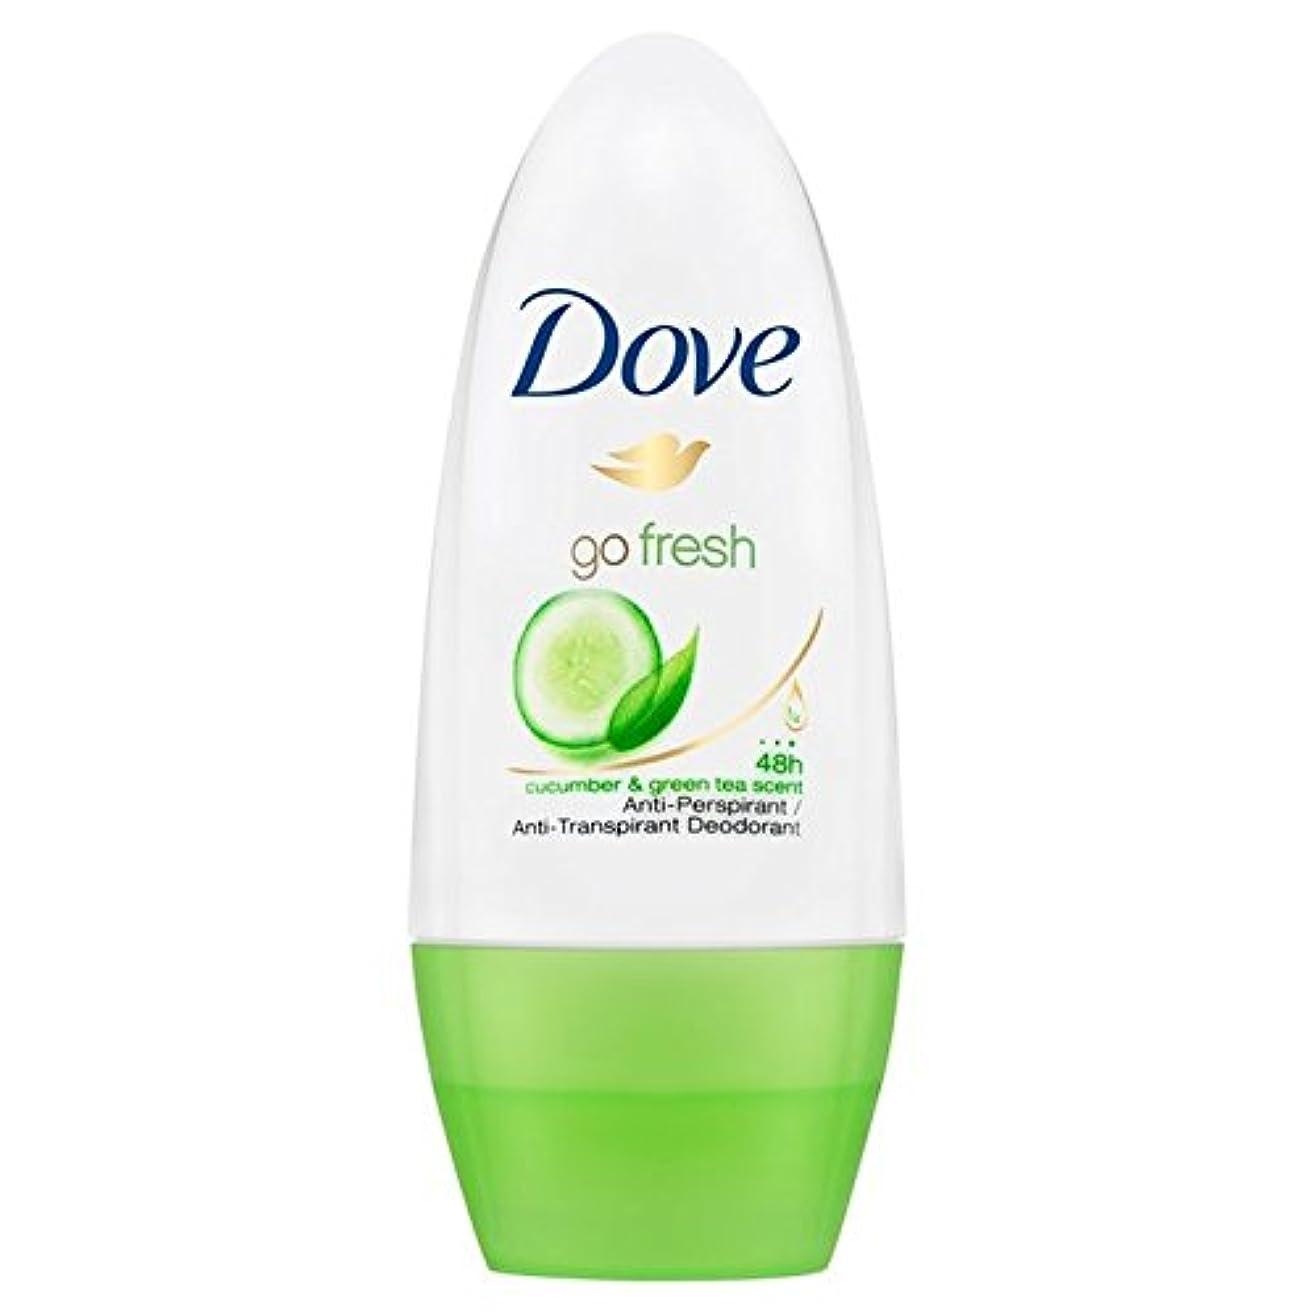 整理する大統領頬Dove Go Fresh Cucumber Roll-On Anti-Perspirant Deodorant 50ml - 新鮮なキュウリロールオン制汗デオドラント50ミリリットルを行く鳩 [並行輸入品]